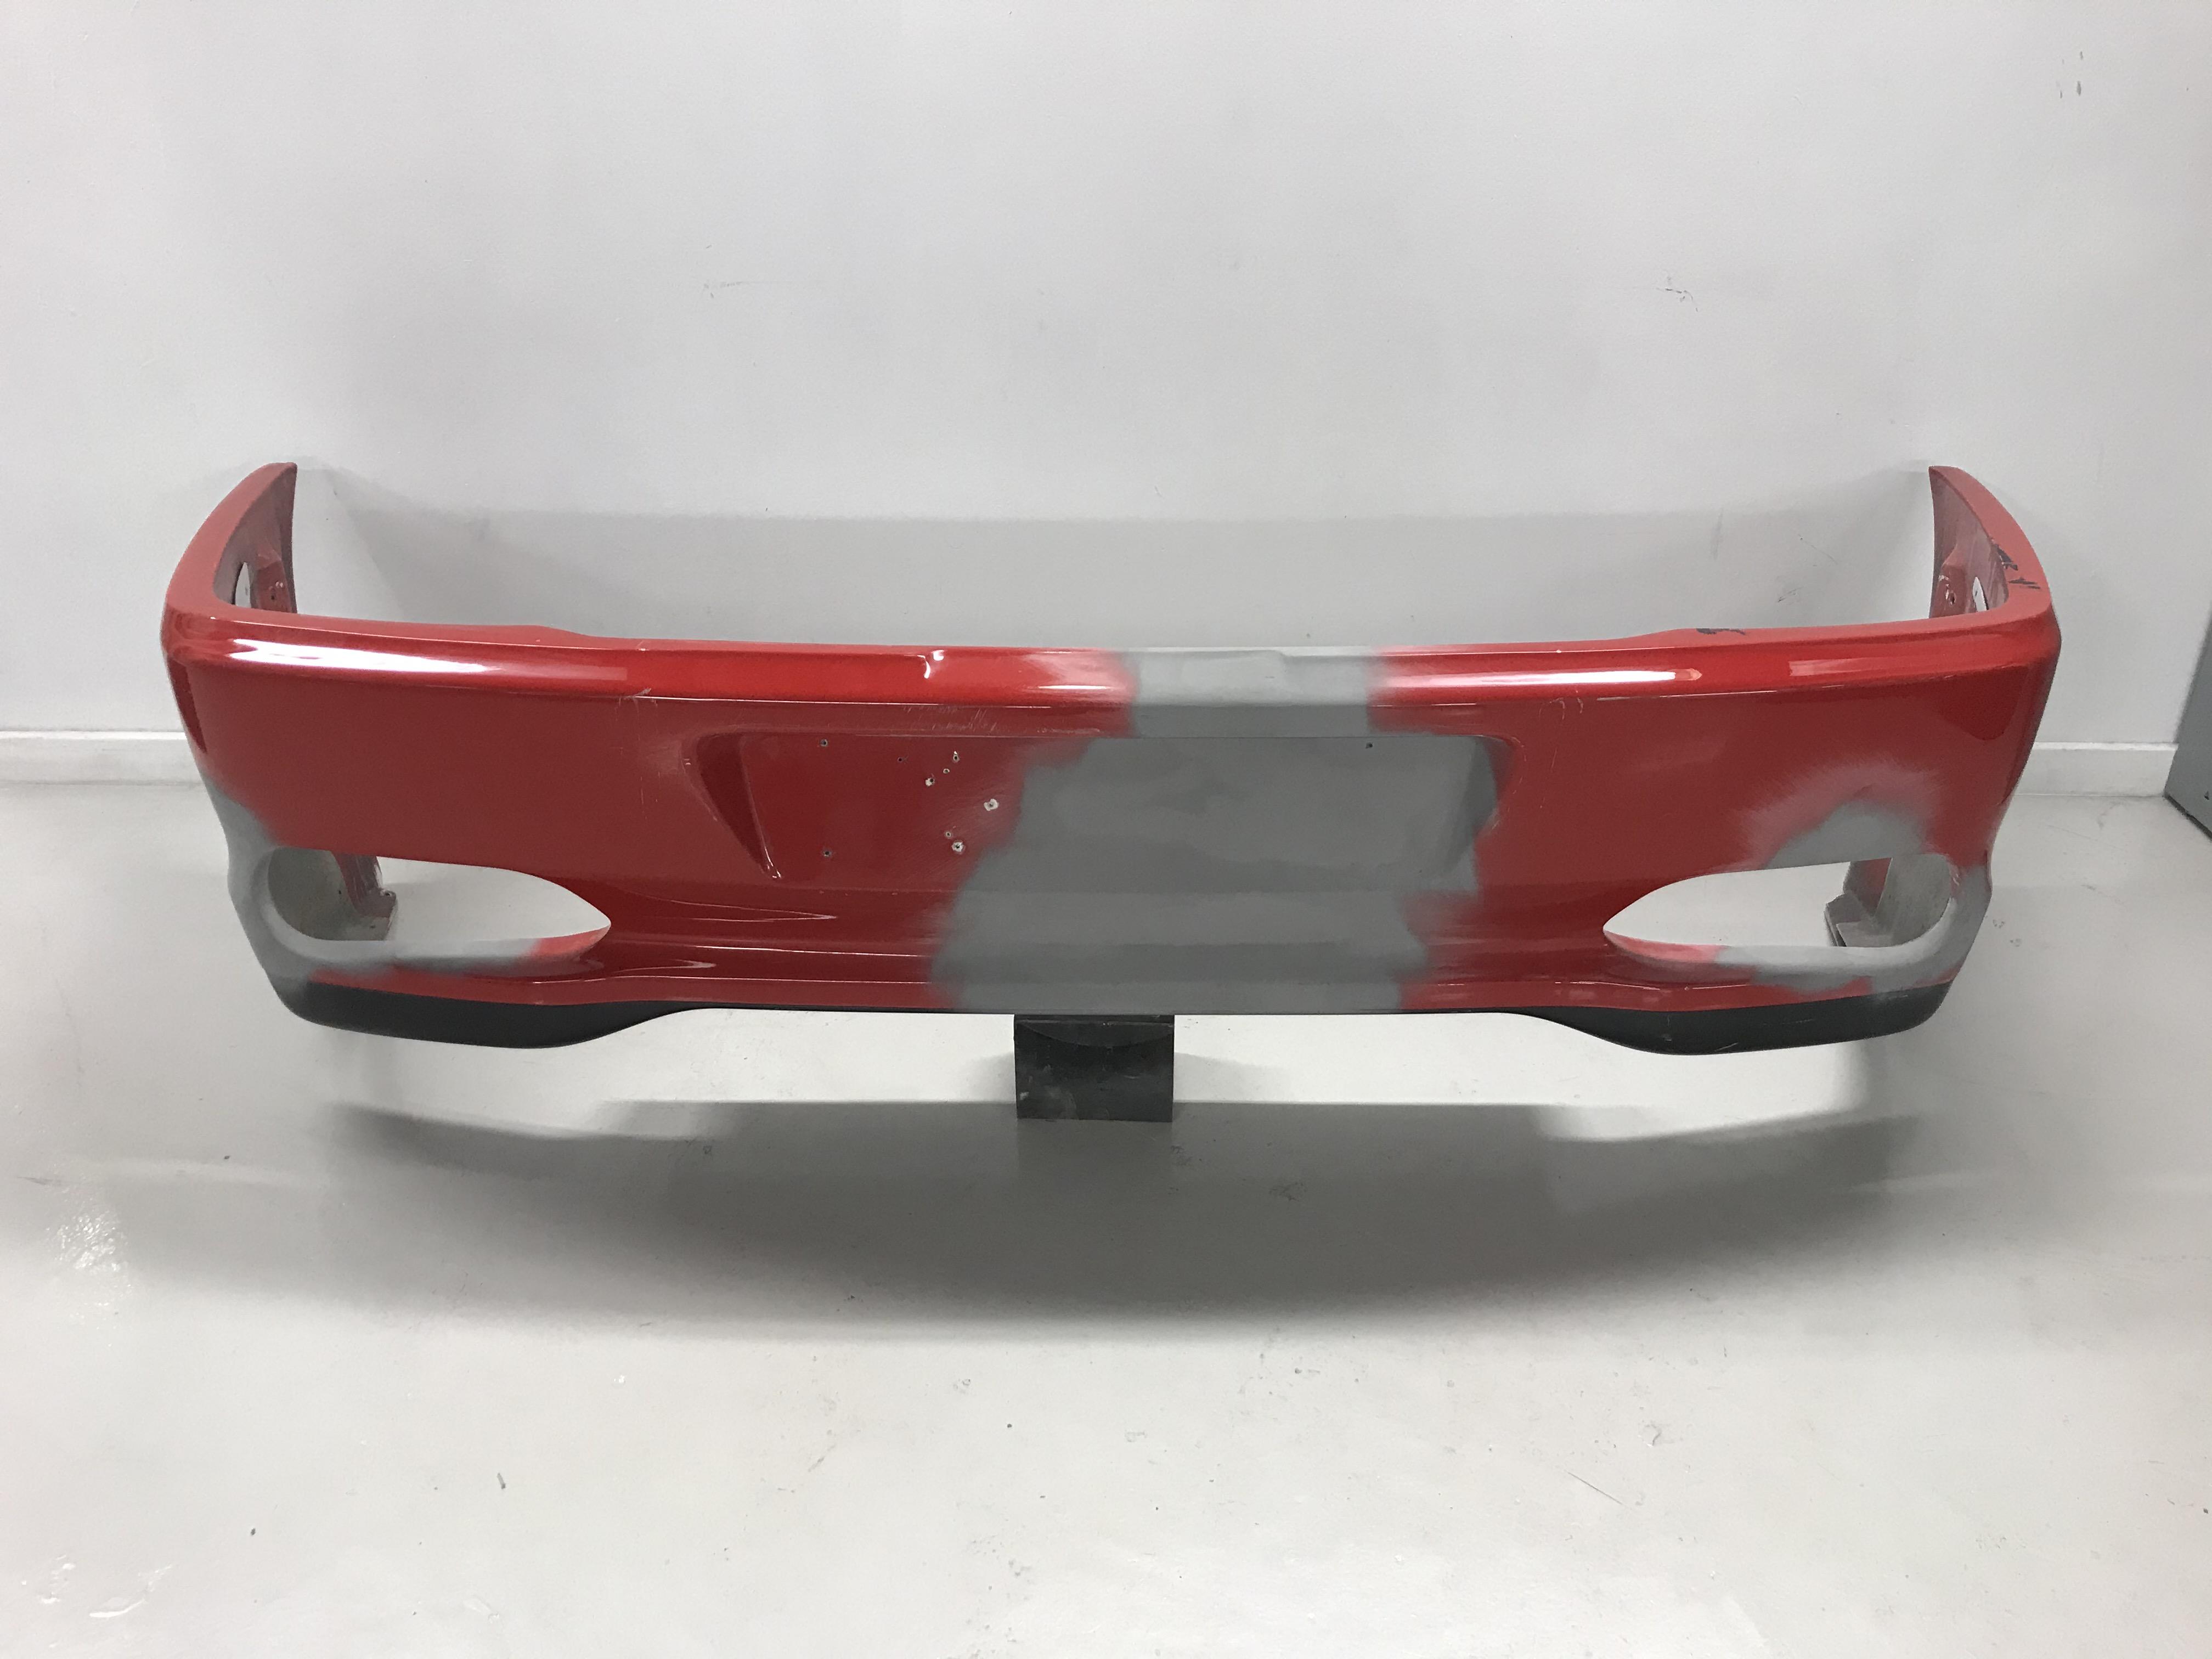 Ferrari 550 Maranello rear bumper